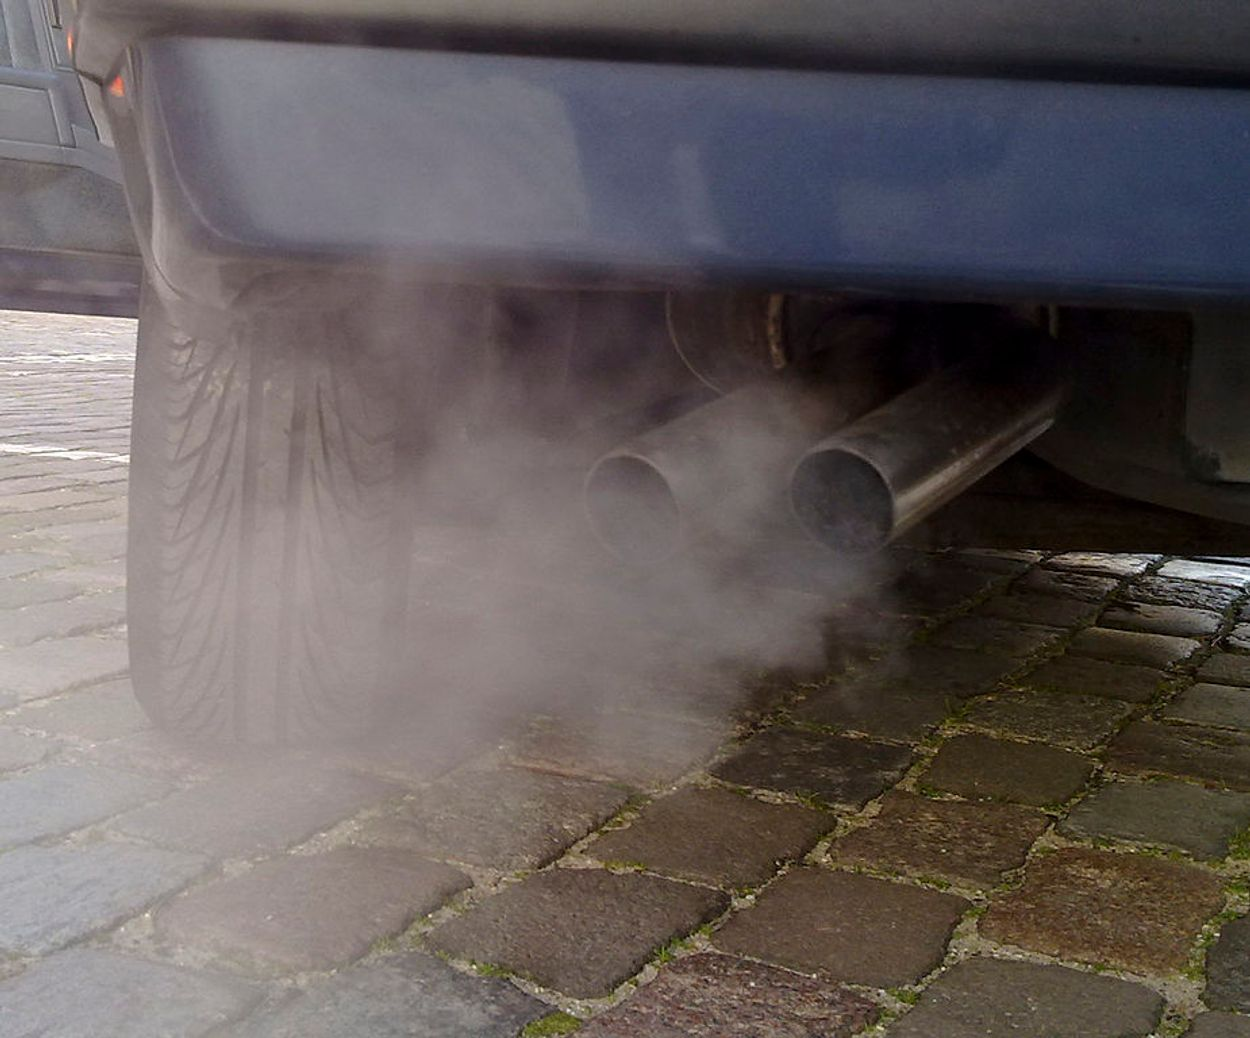 Afbeelding van Luchtkwaliteit in Nederland zorgelijk